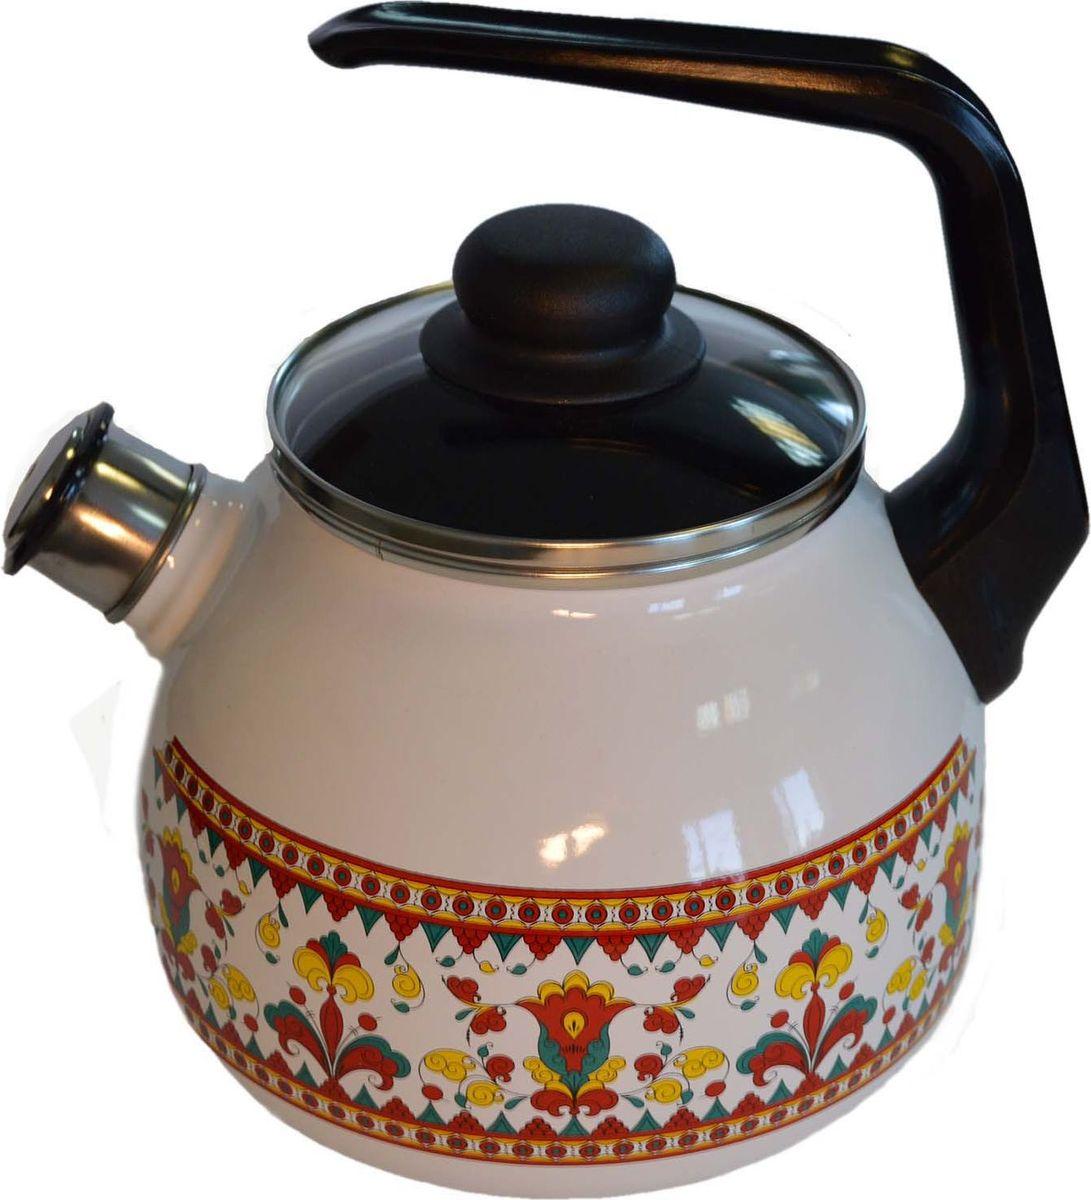 Чайник Appetite Карусель, со свистком, 3 л. 4с209я